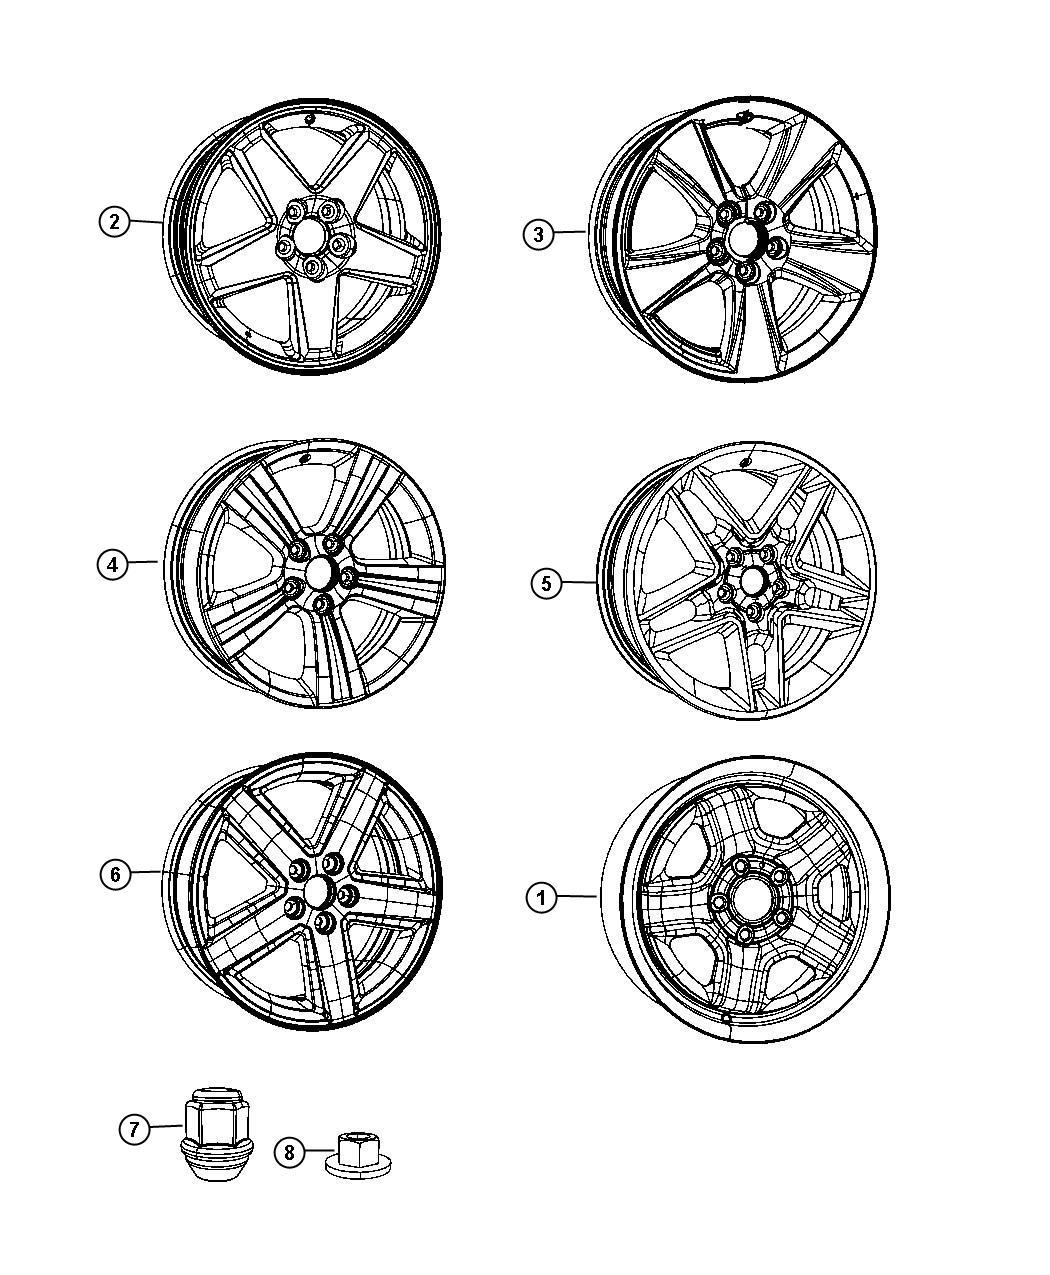 2011 dodge avenger wheel  front or rear  aluminum   wp6